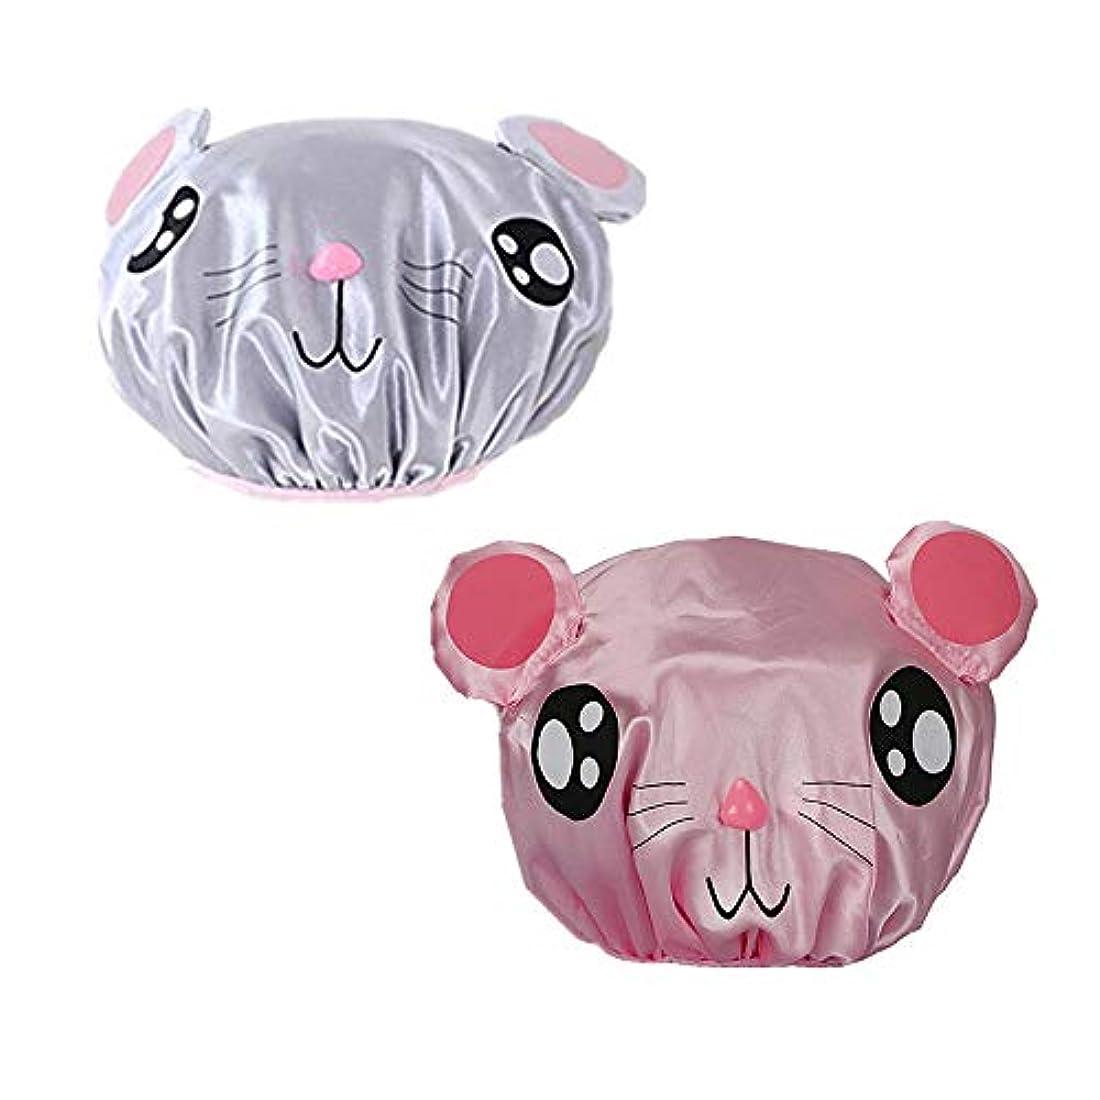 隔離する正規化恐怖症Kingsie シャワーキャップ キッズ 子供用 2枚セット ヘアキャップ 可愛い 動物柄 カートゥーン 防水帽 入浴キャップ お風呂 ピンク/グレー